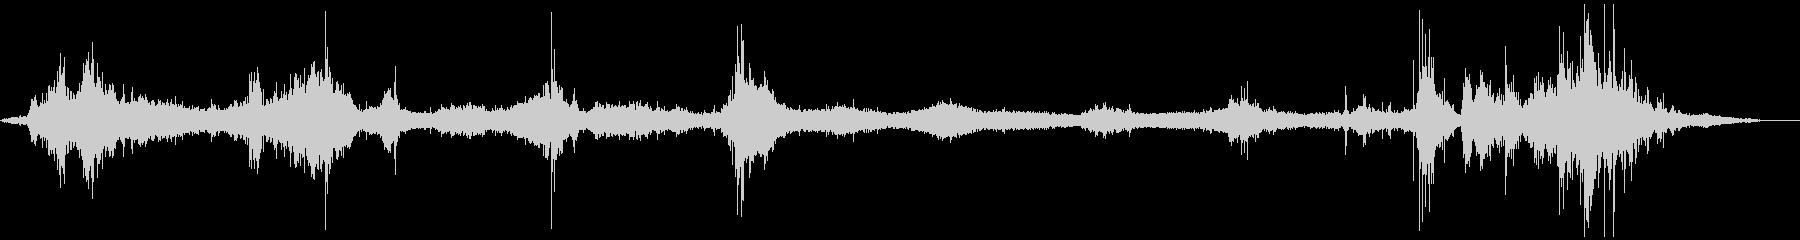 オンボード:トラベルダウンヒル、ス...の未再生の波形